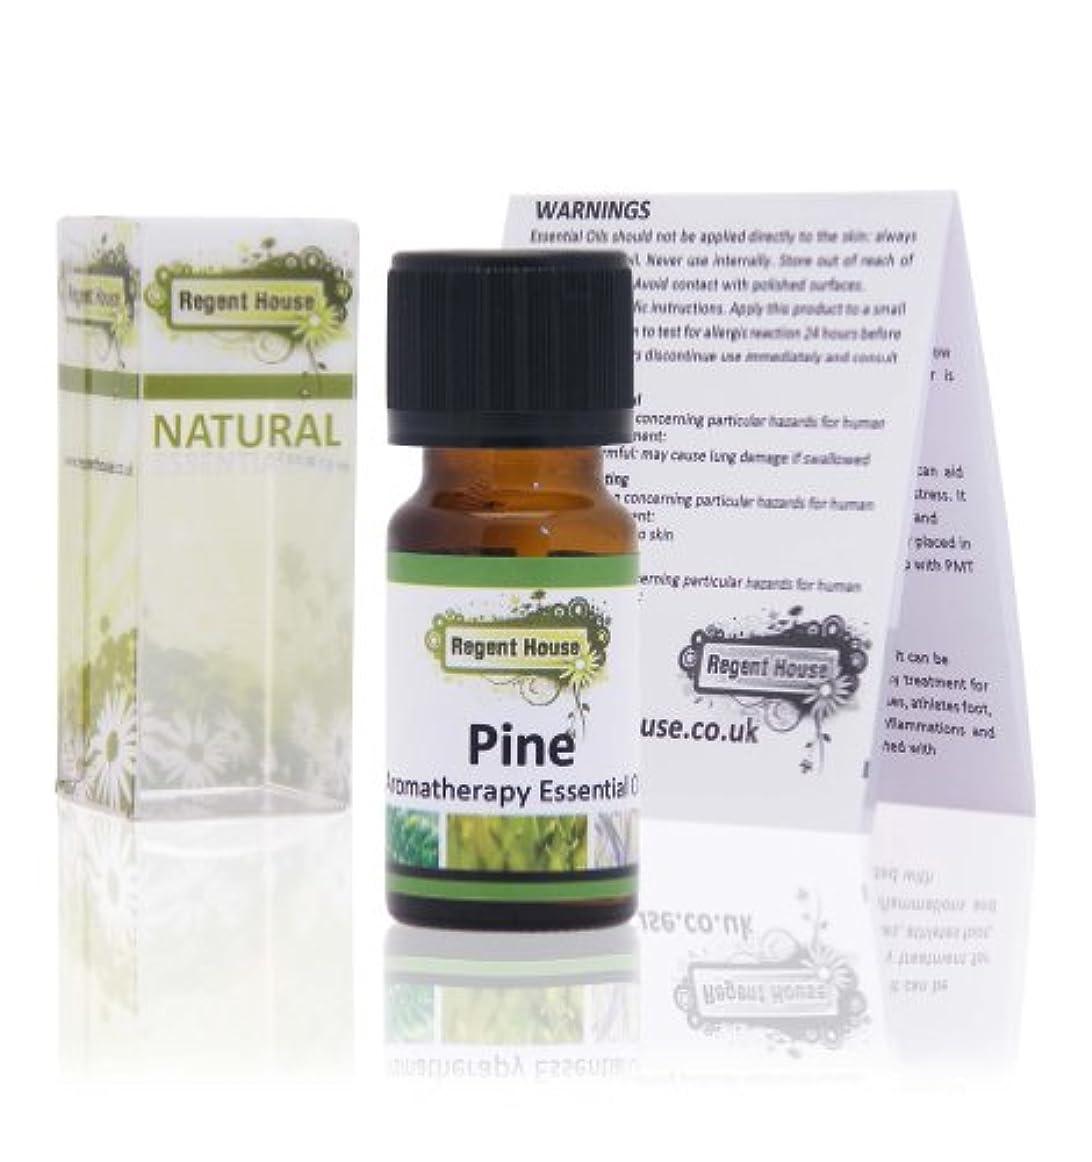 火山サイバースペース受粉者ナチュラルエッセンシャルオイル パイン(Pine)